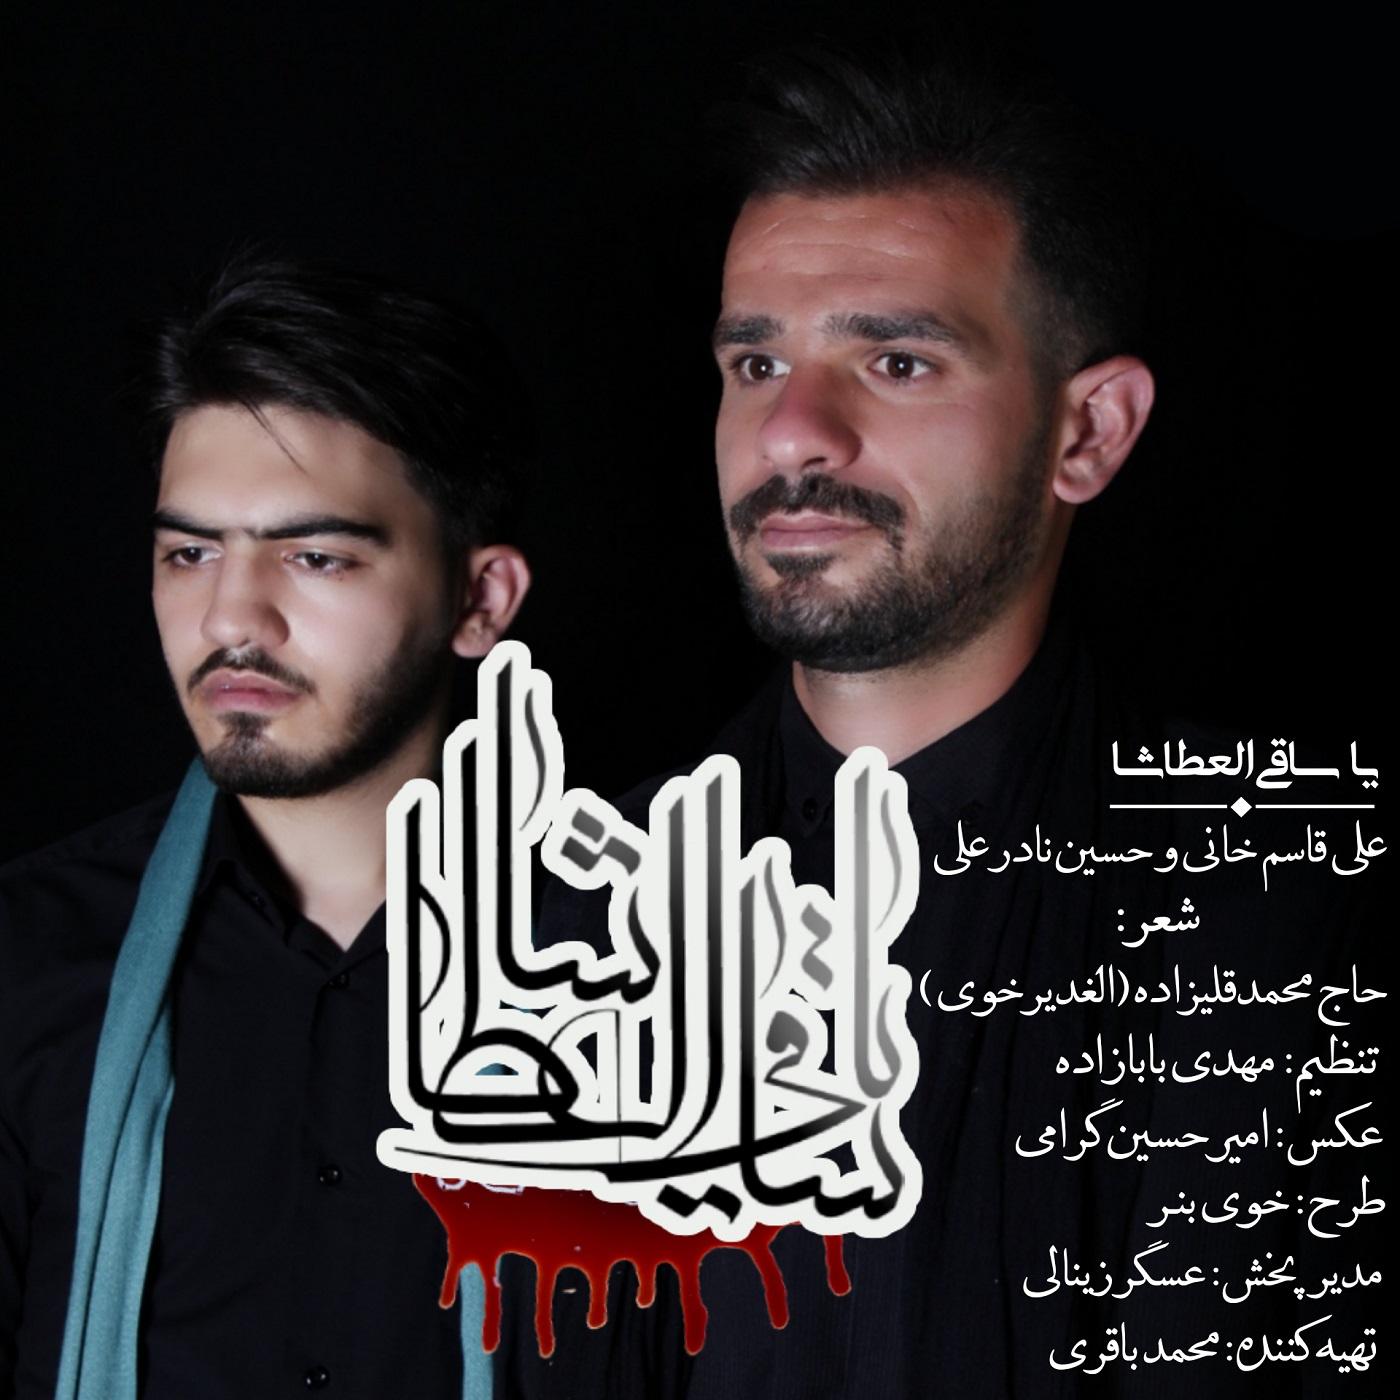 http://s11.picofile.com/file/8407010918/09Hossein_Nader_Ali_Feat_Ali_Ghasemkhani_Ya_Saghi_Alataasha.jpg